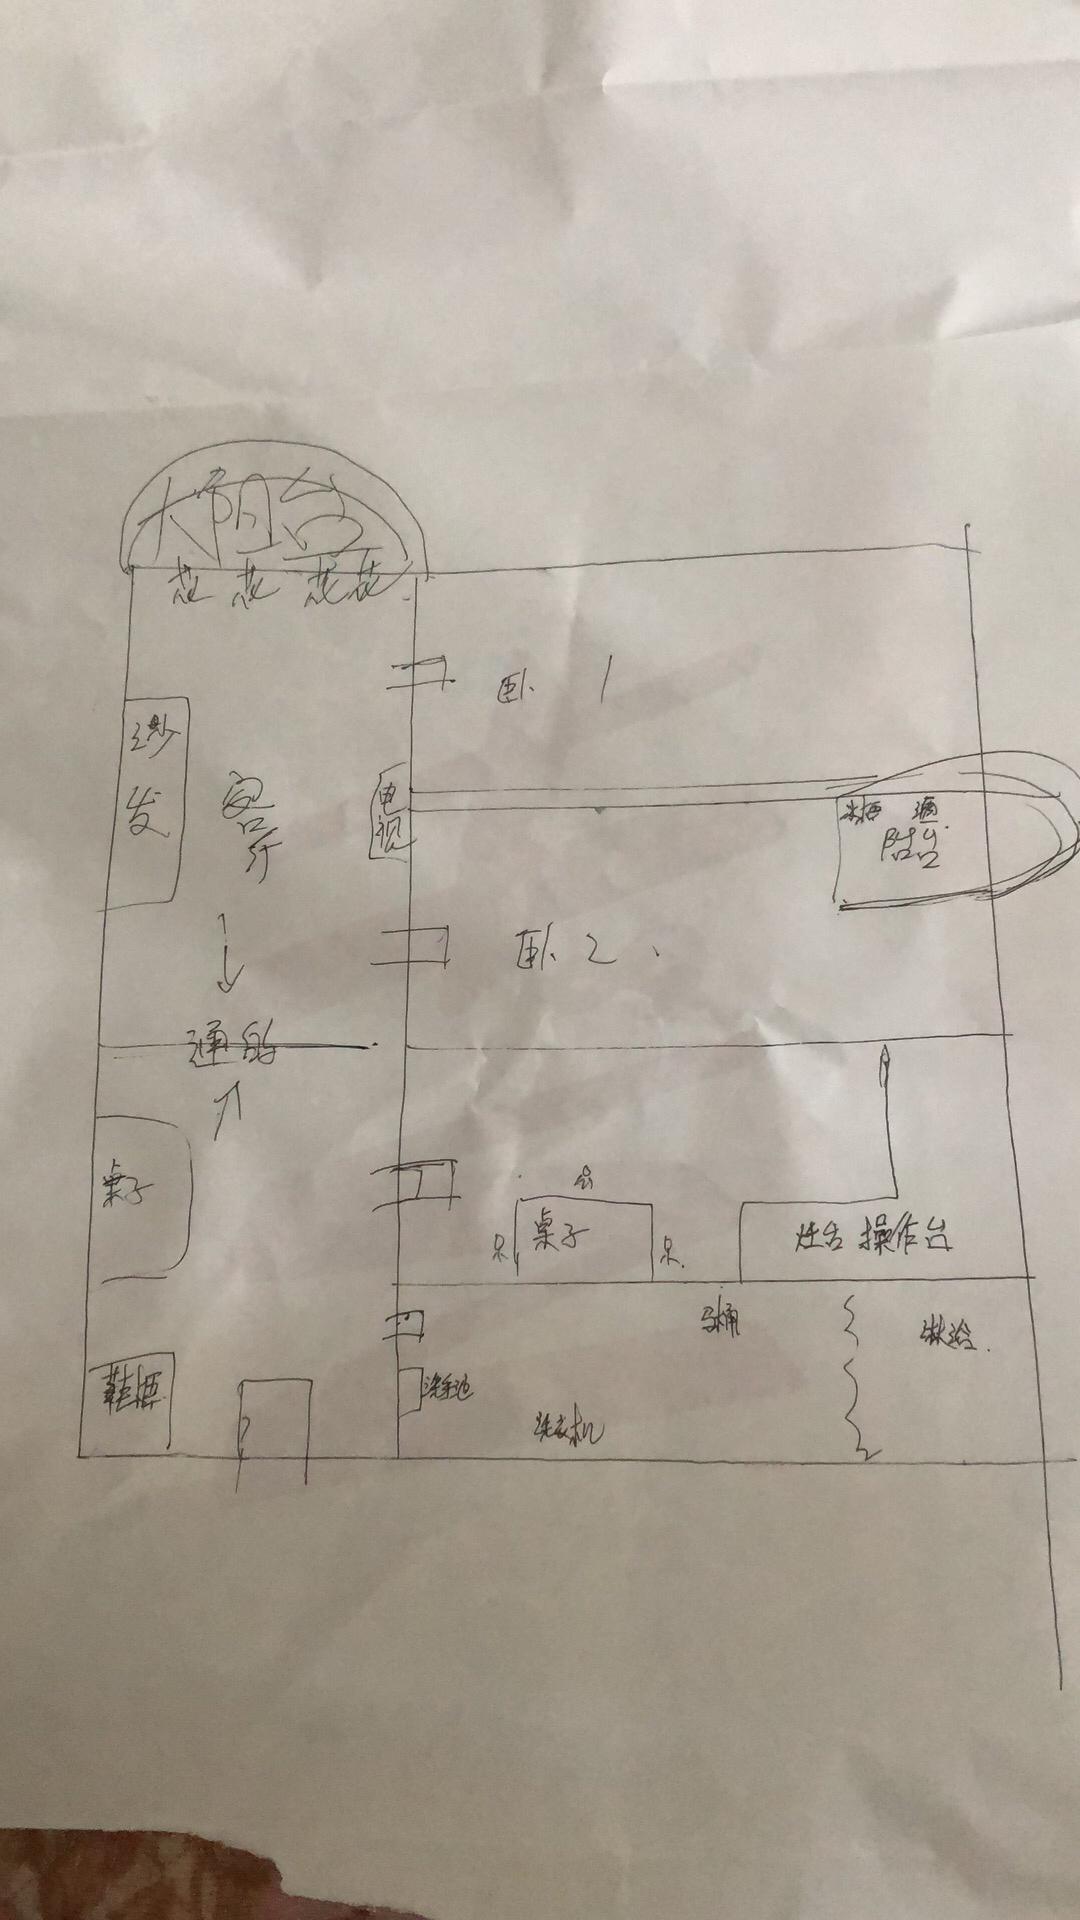 想知道怎么看设计图。这种筒子式的房子....唉